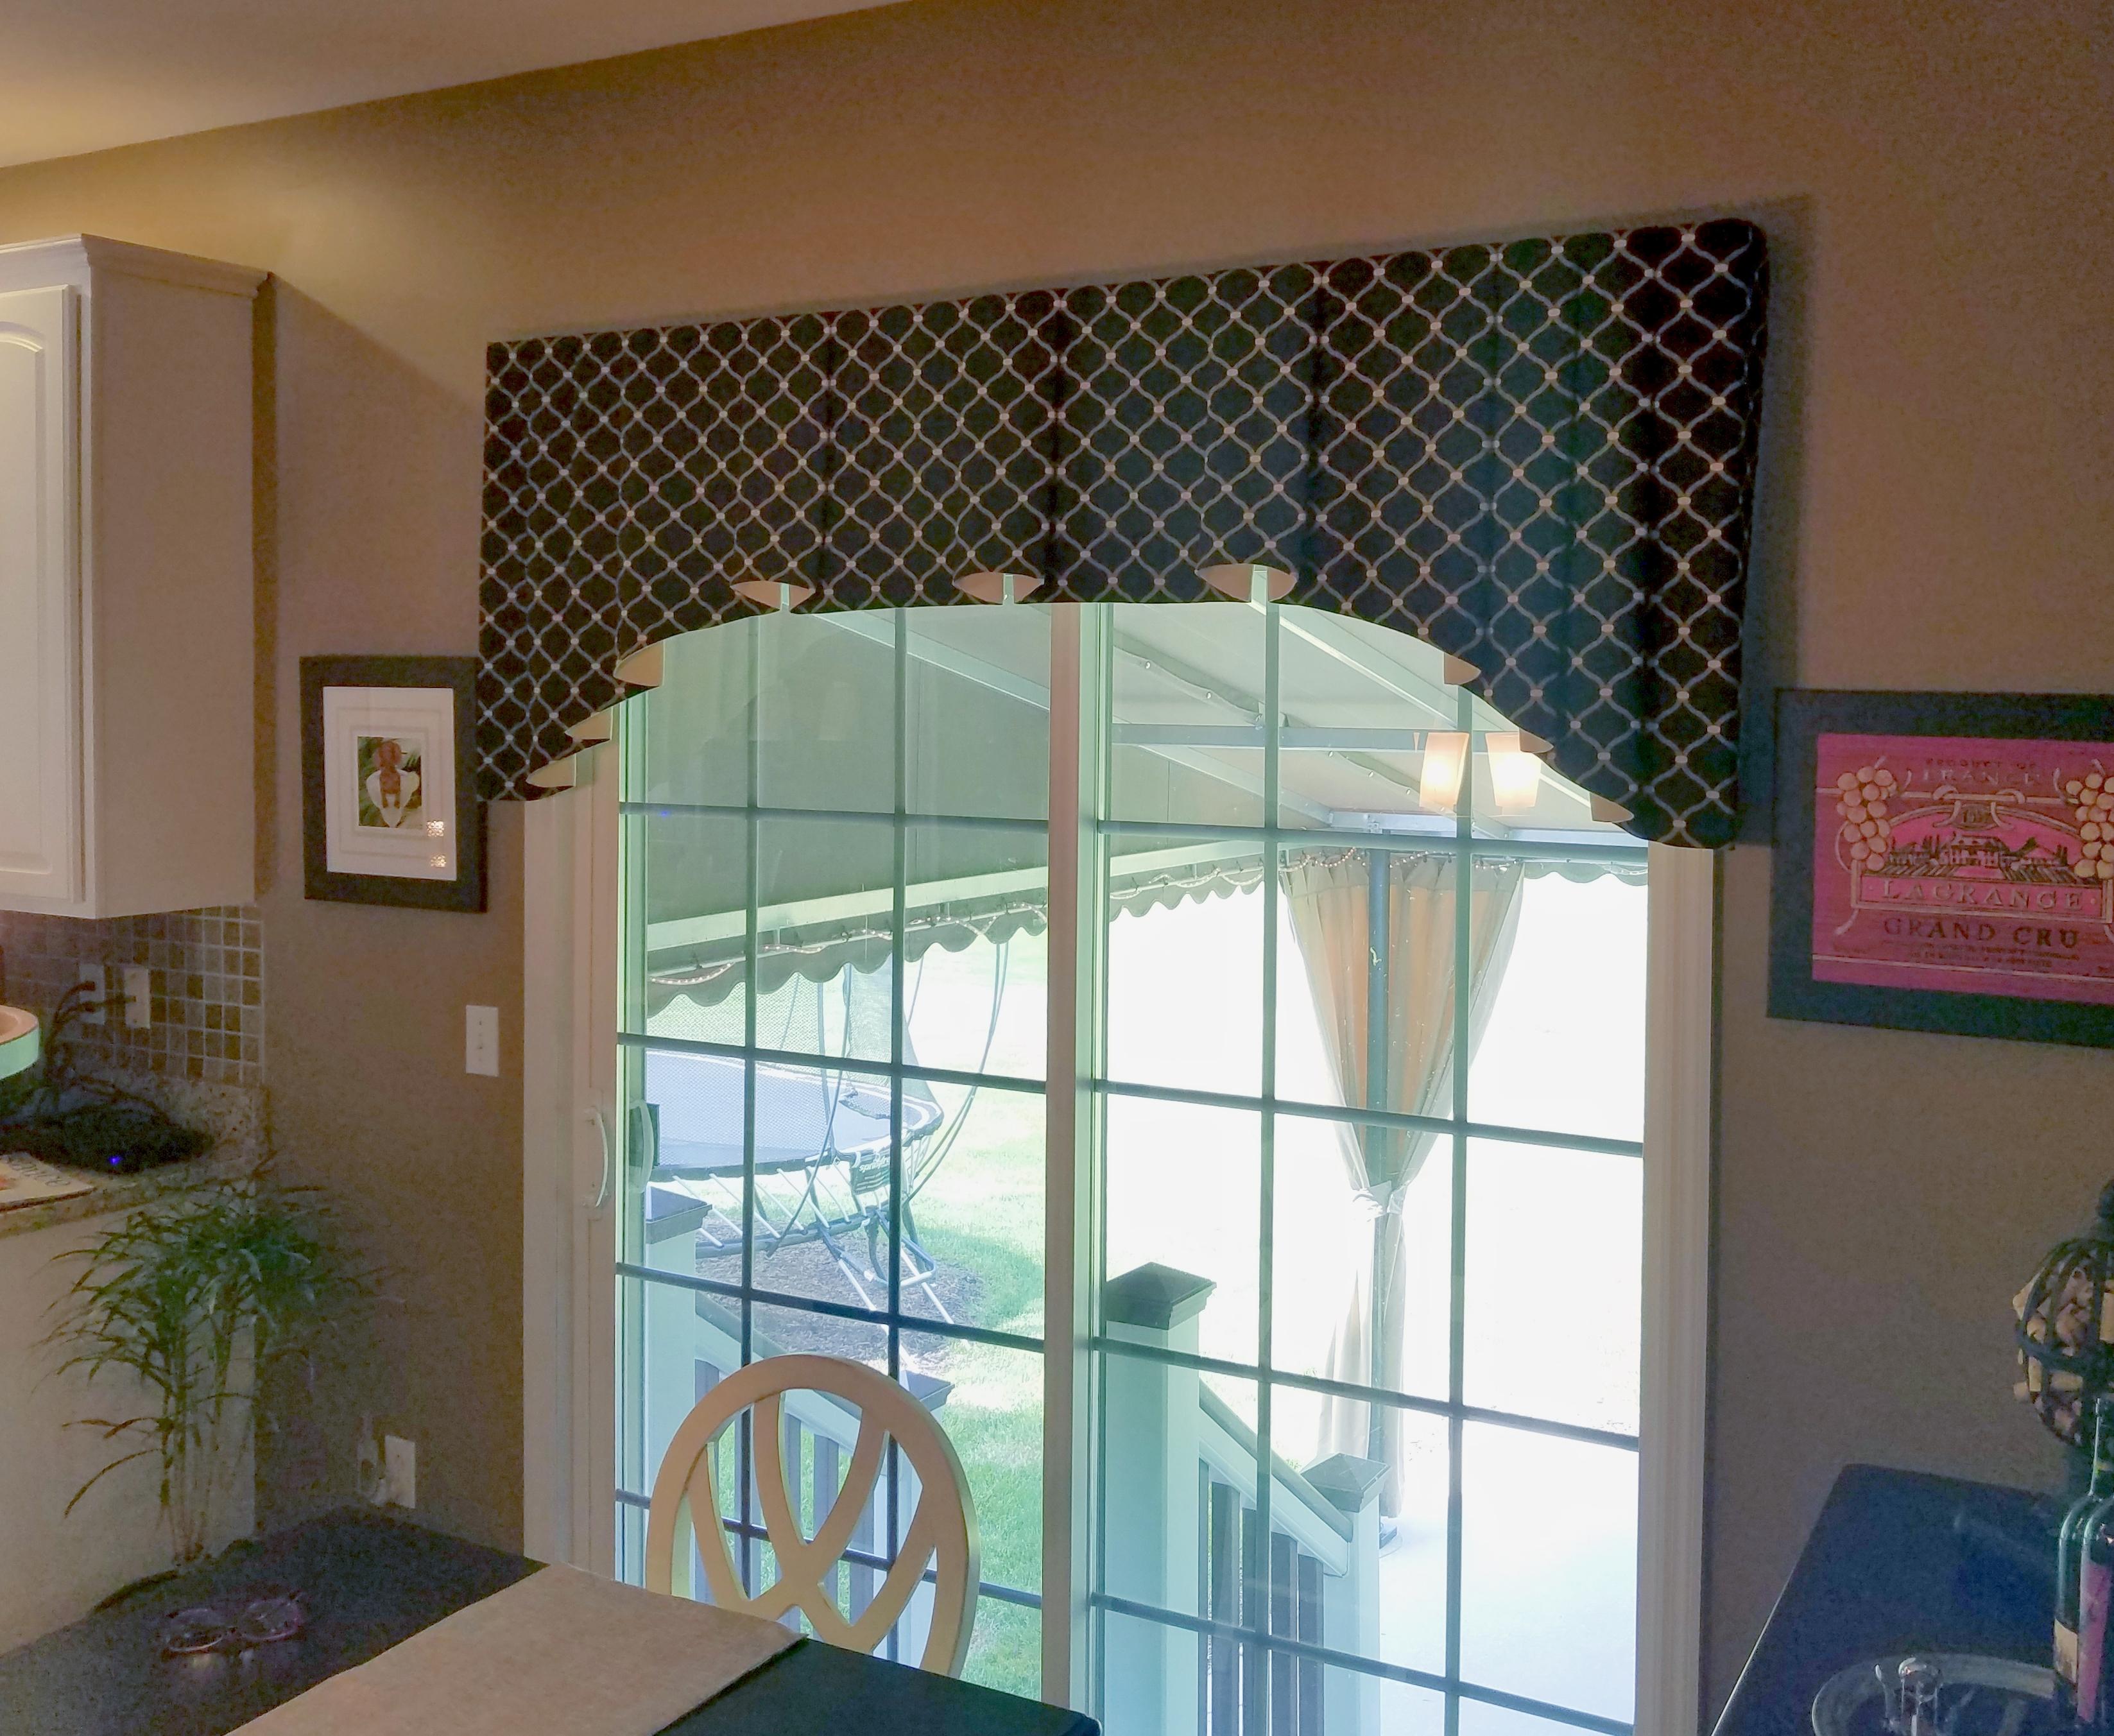 Valance over sliding glass doors sliding doors valance over sliding glass  doors3294 x 2705 stokkelandfo Choice